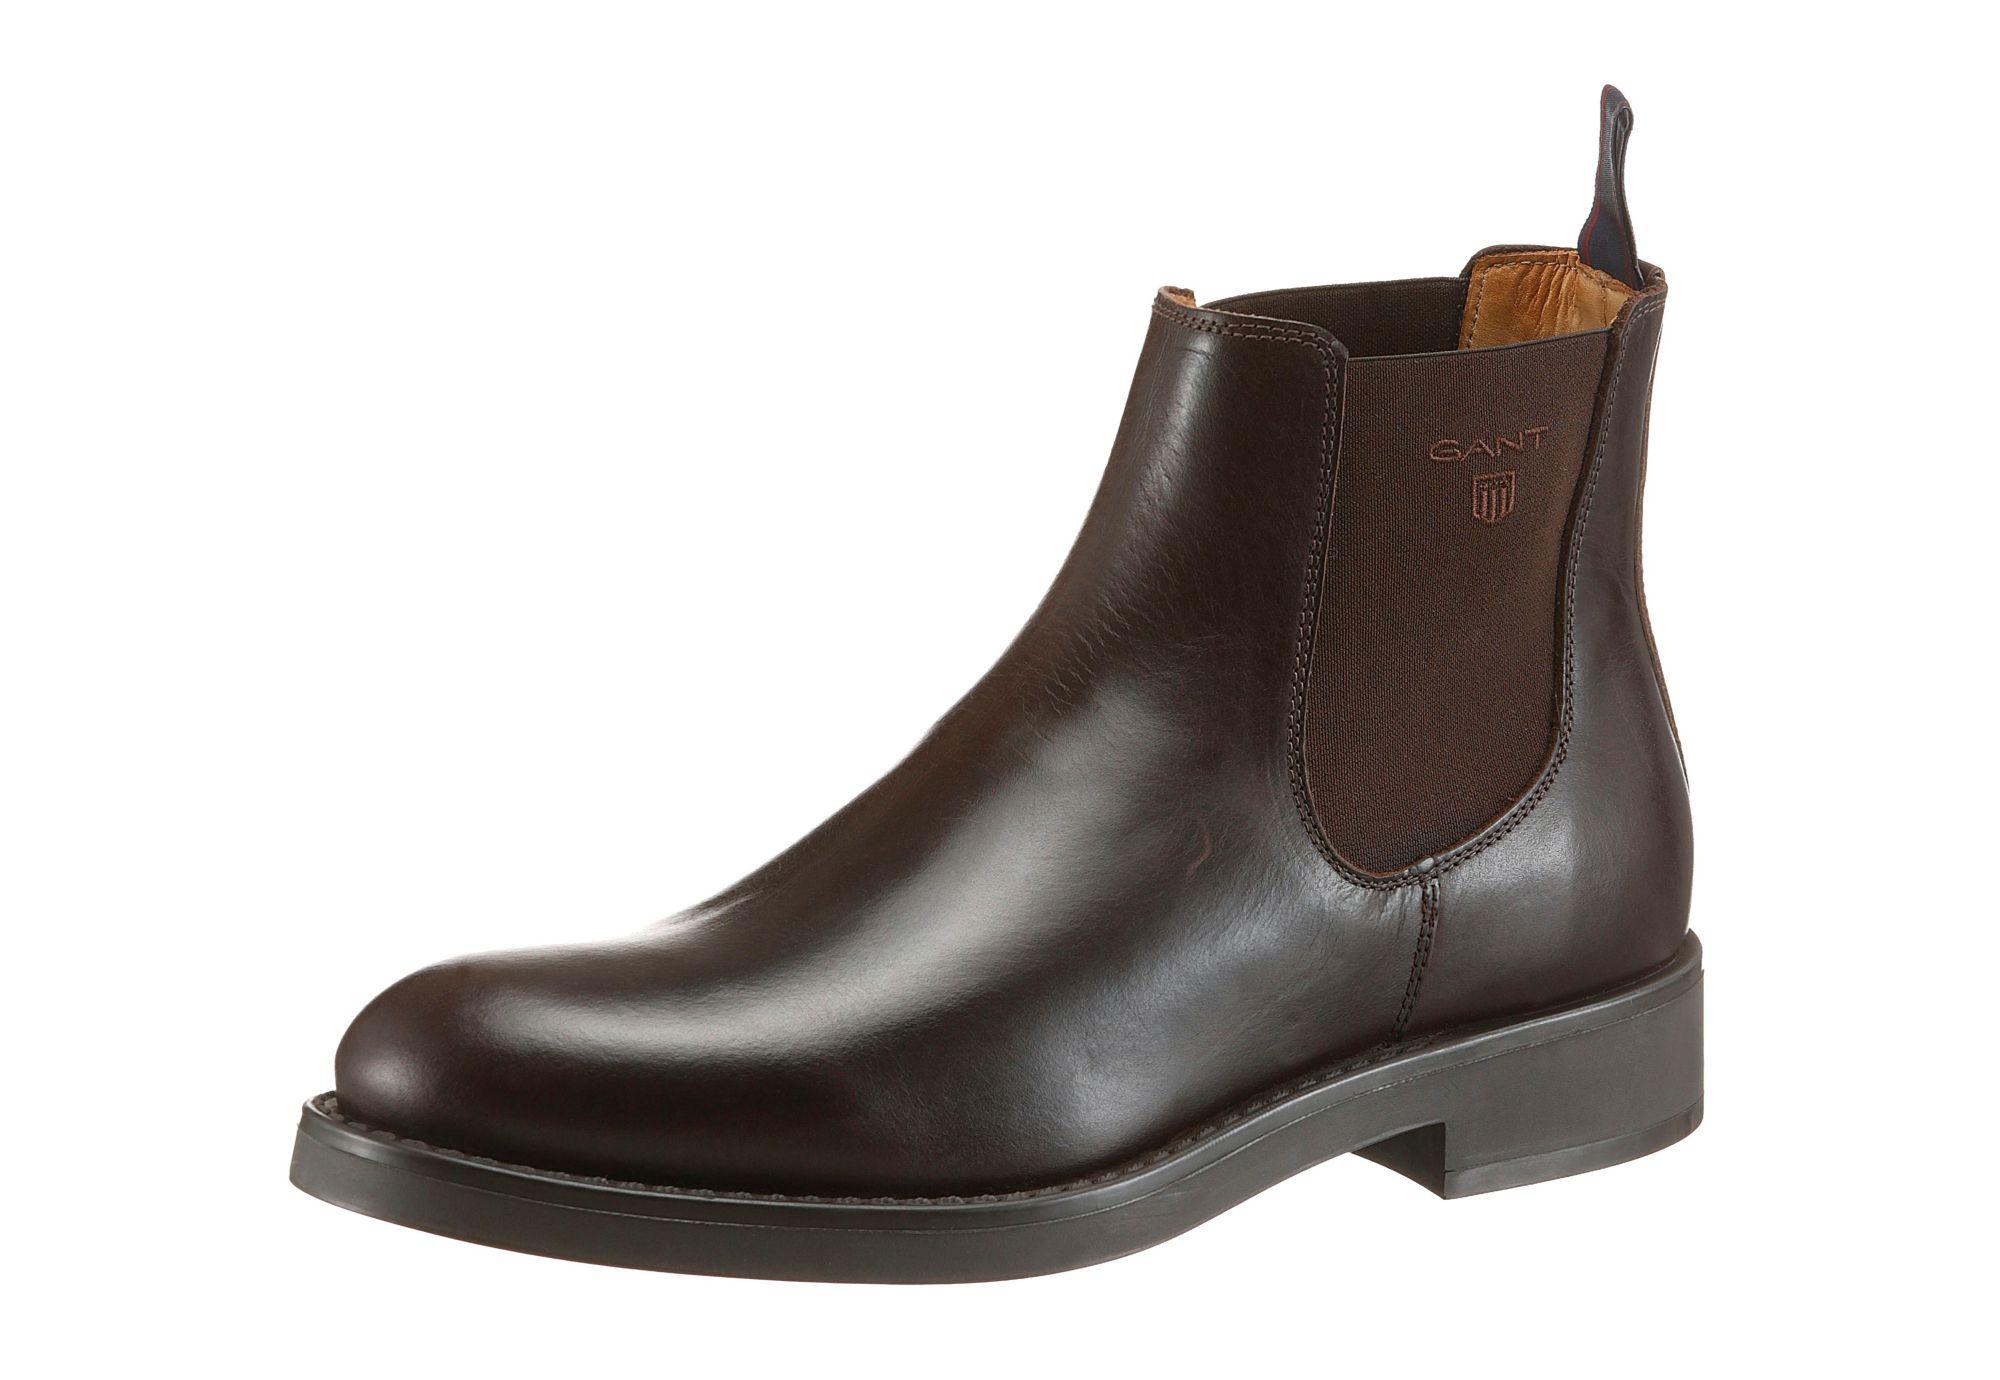 GANT FOOTWEAR Gant Footwear Chelseaboots »Oscar Chelsea«